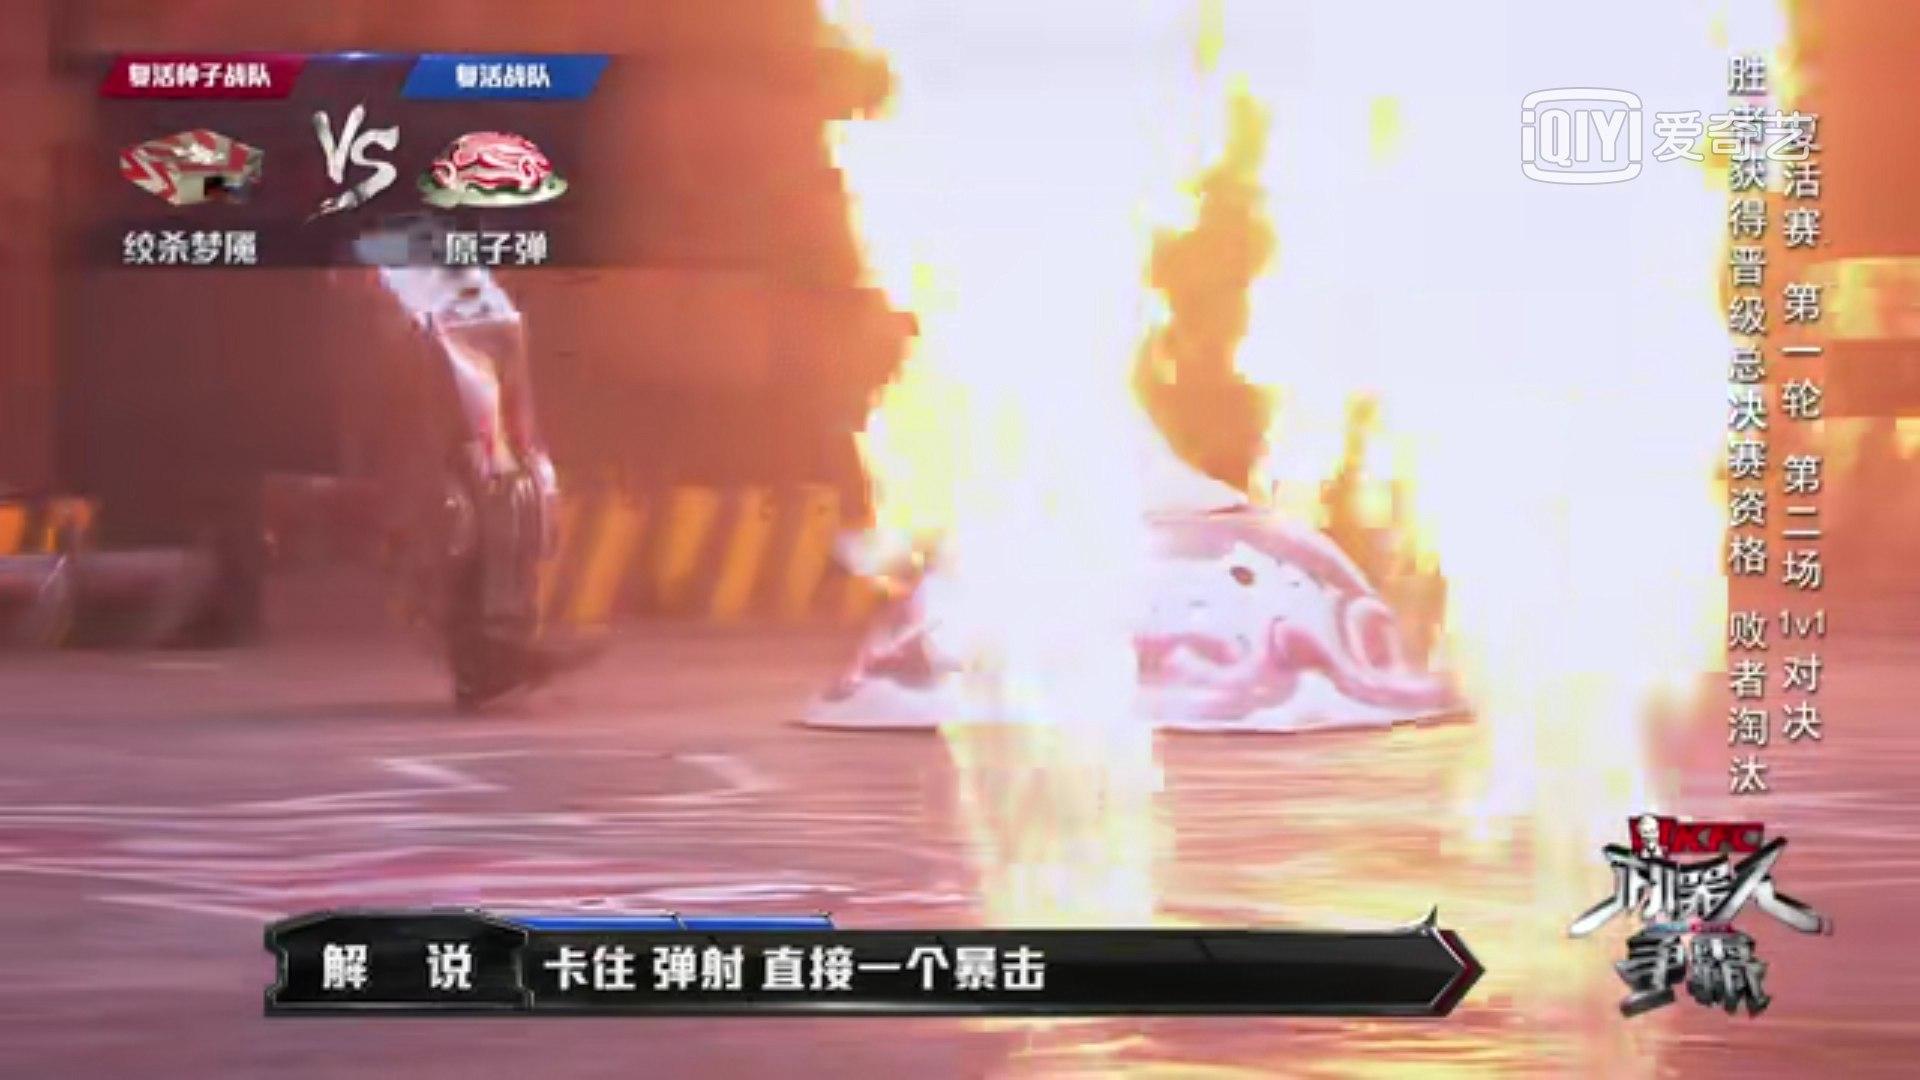 《机器人争霸》绞杀梦魇对决原子弹.jpg